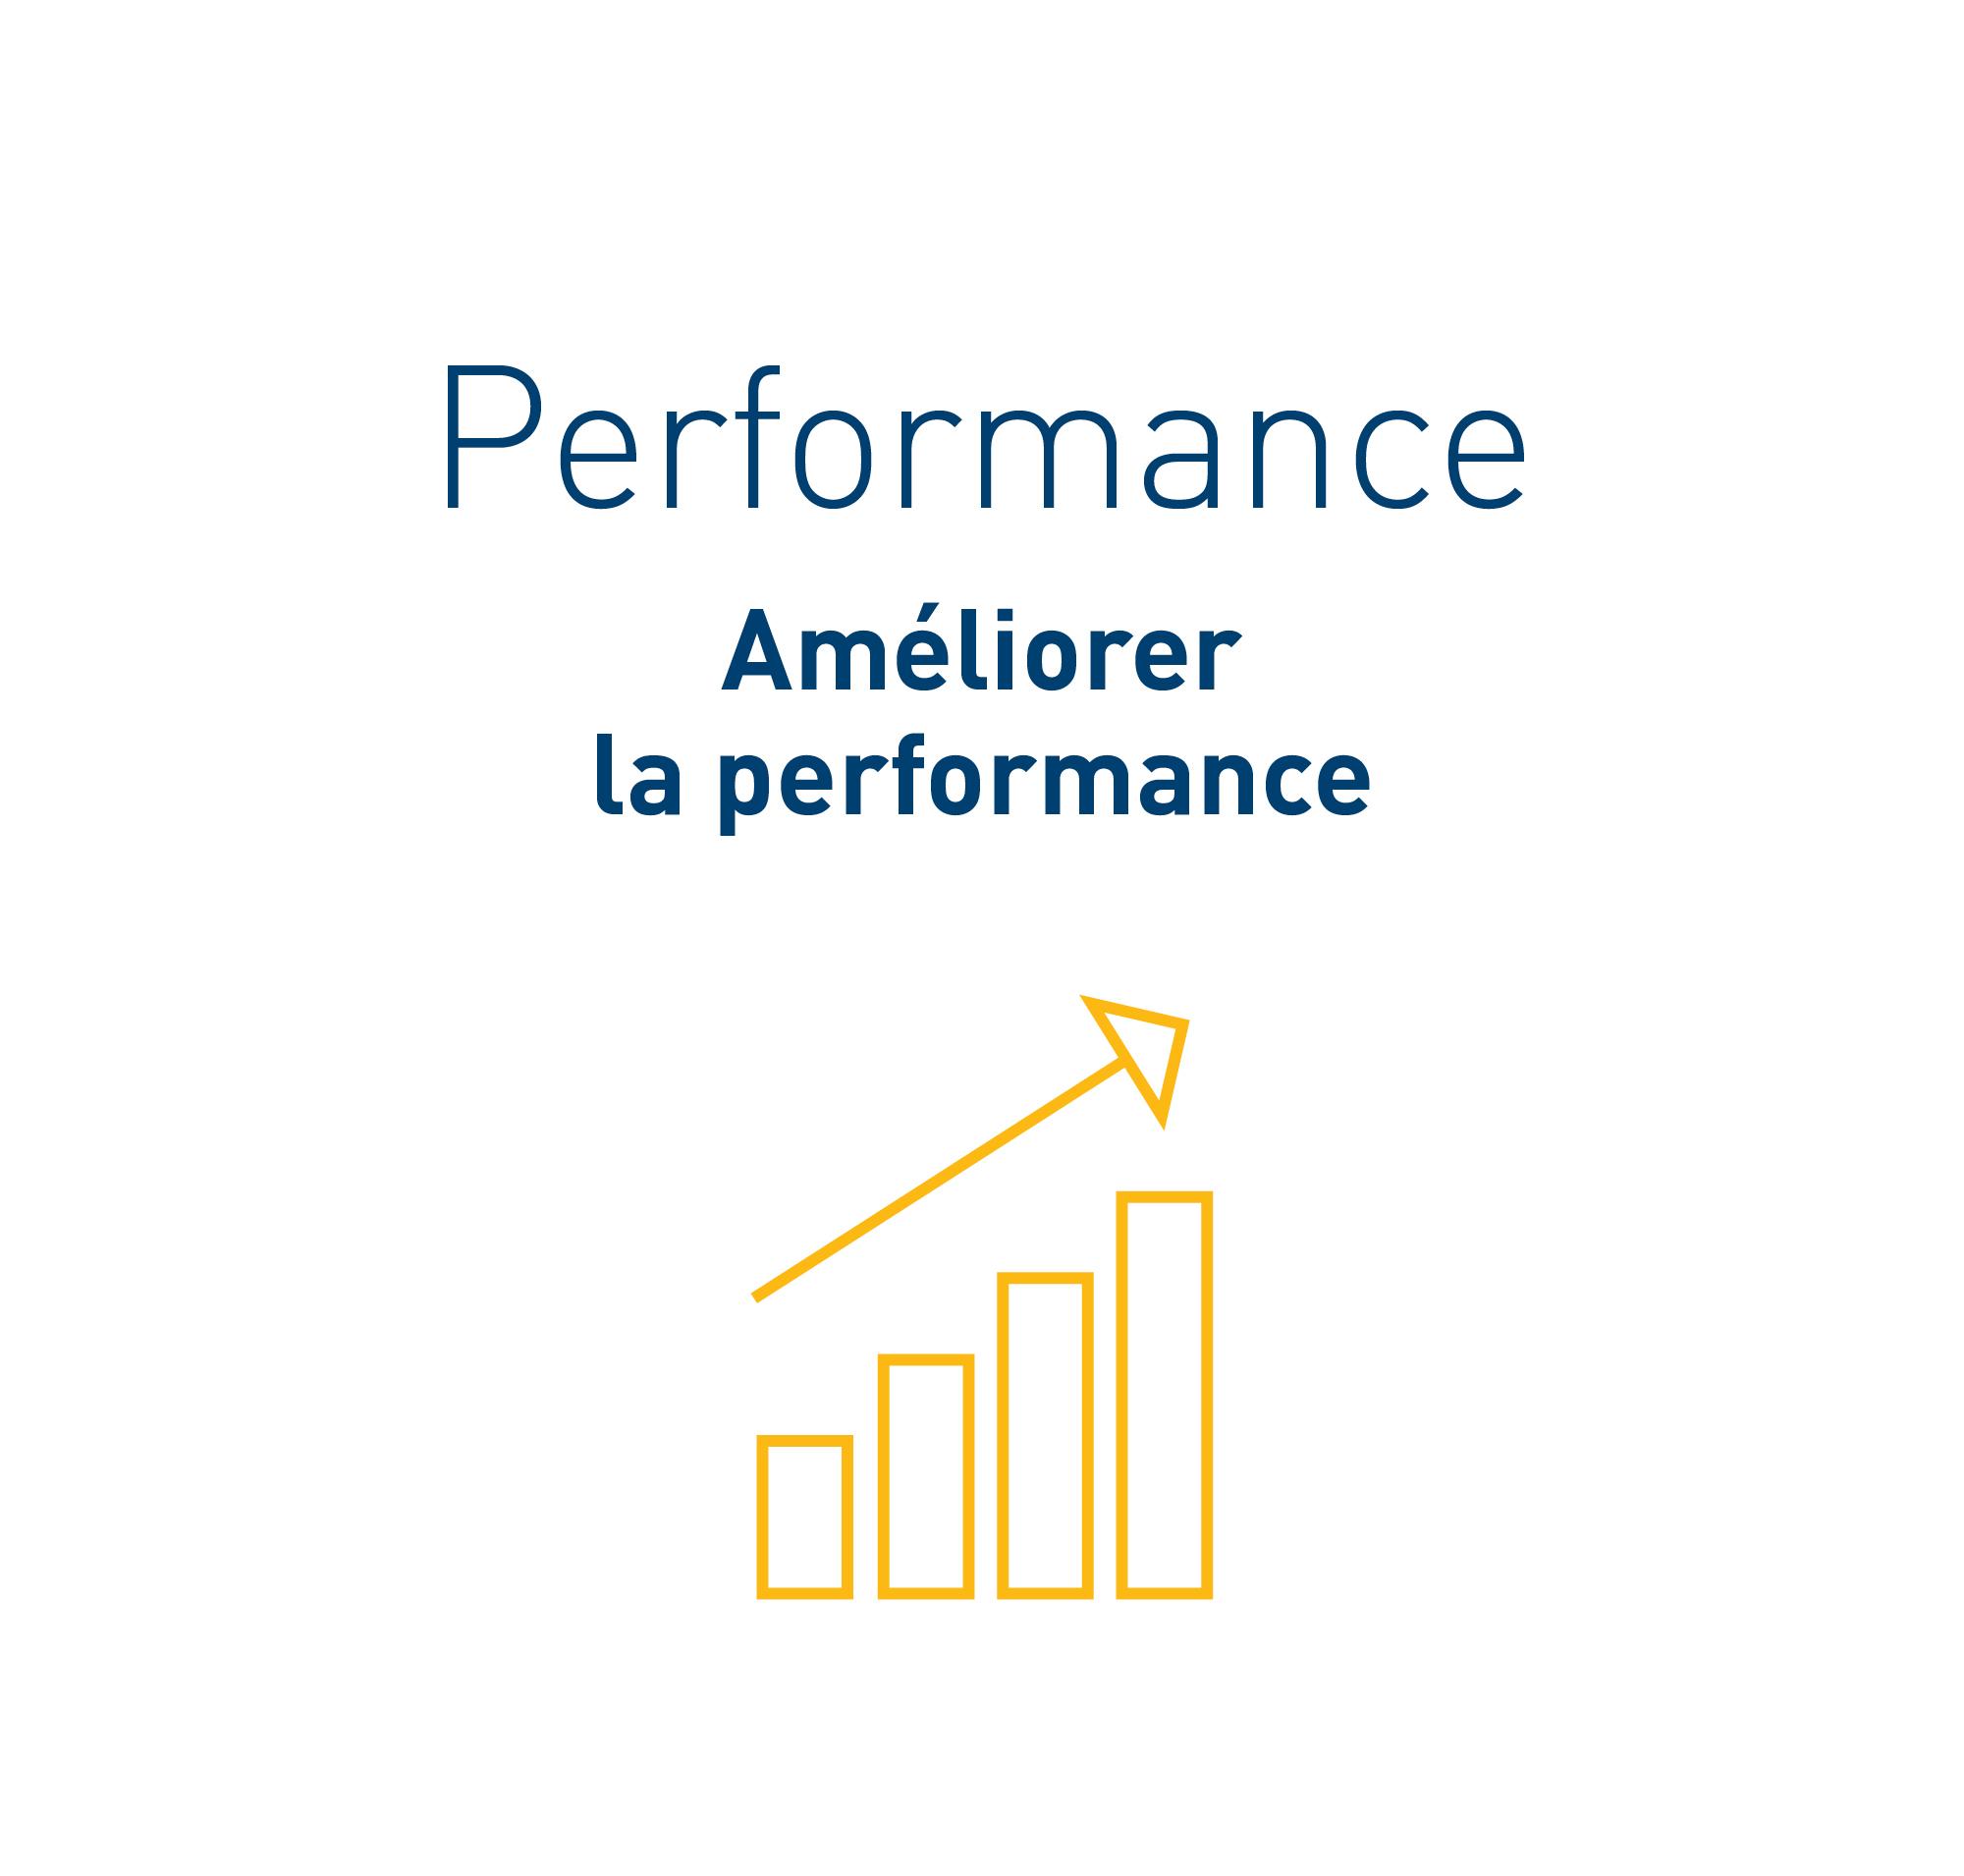 Image dans le texte: Performance – améliorer la performance